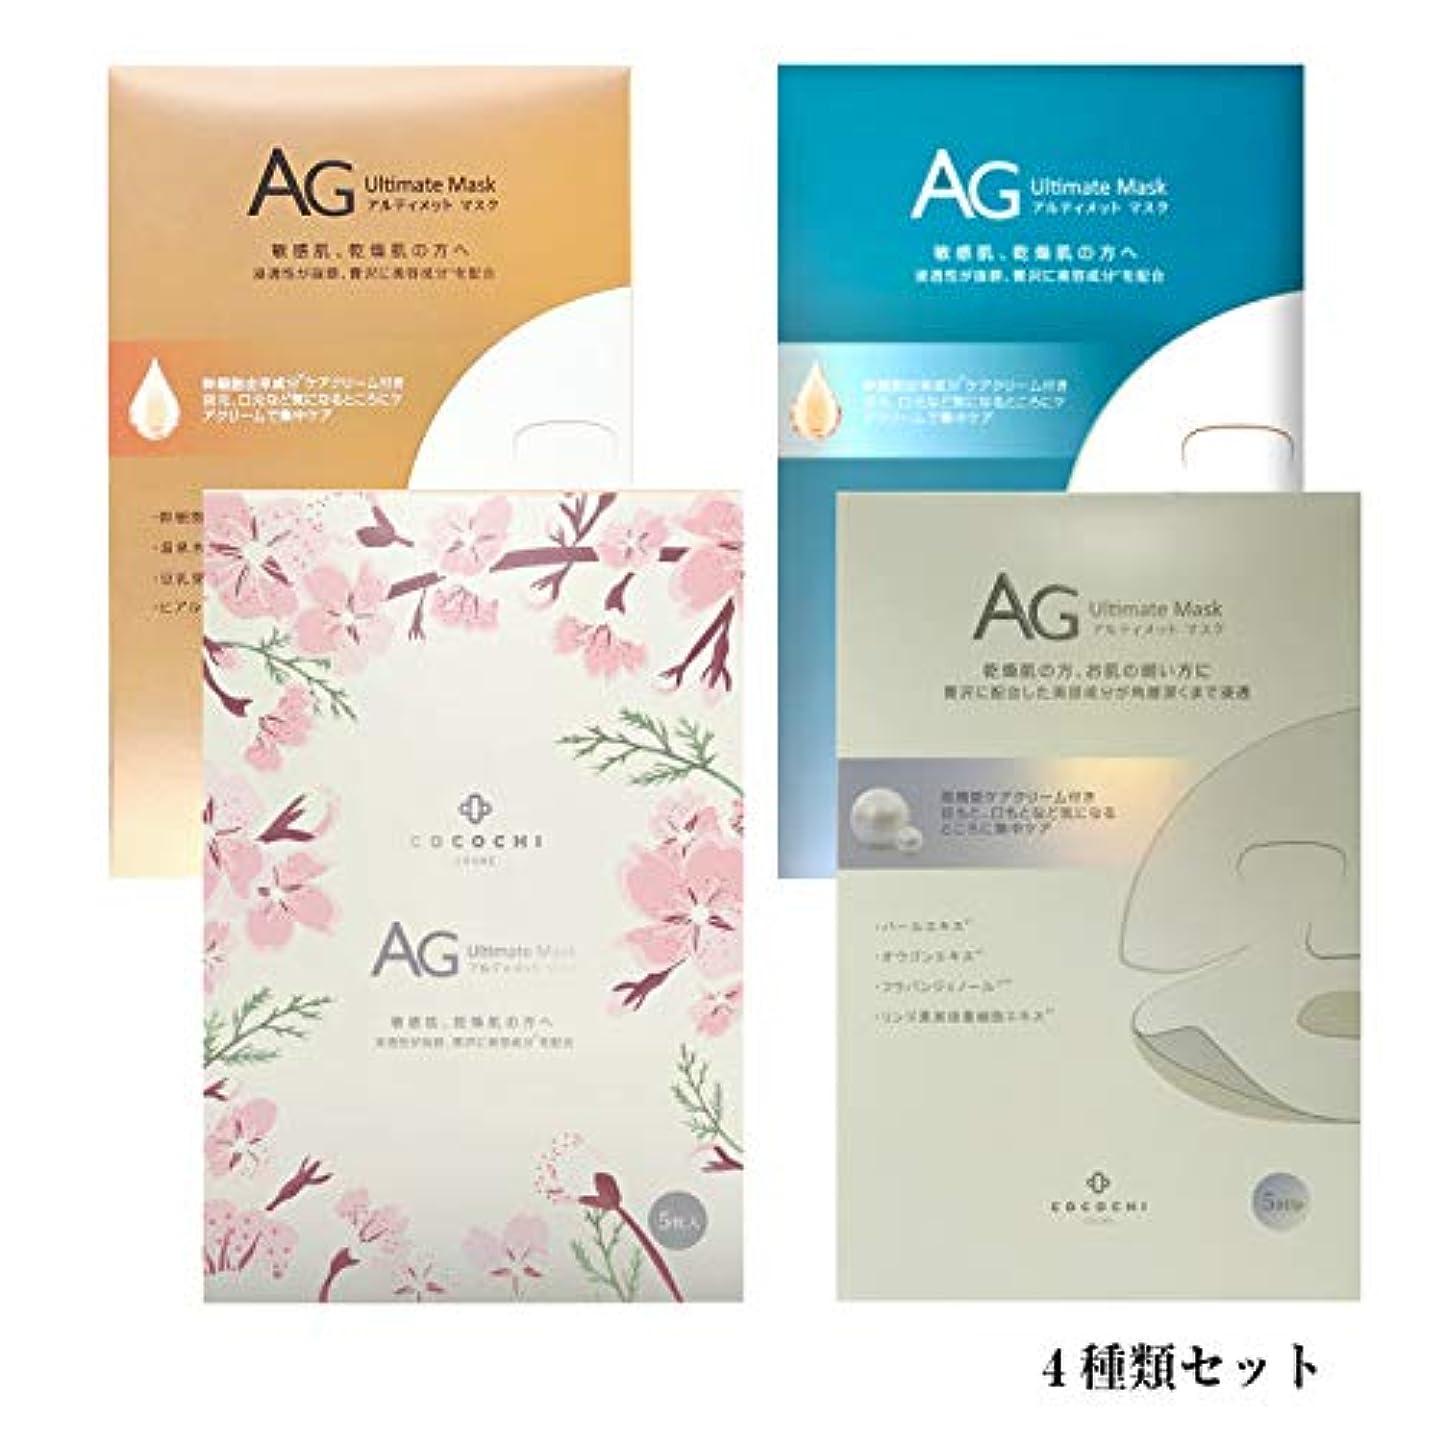 AGアルティメットマスク 4種類セット AG アルティメットマスク/オーシャンマスク/さくら/アコヤ真珠マスク